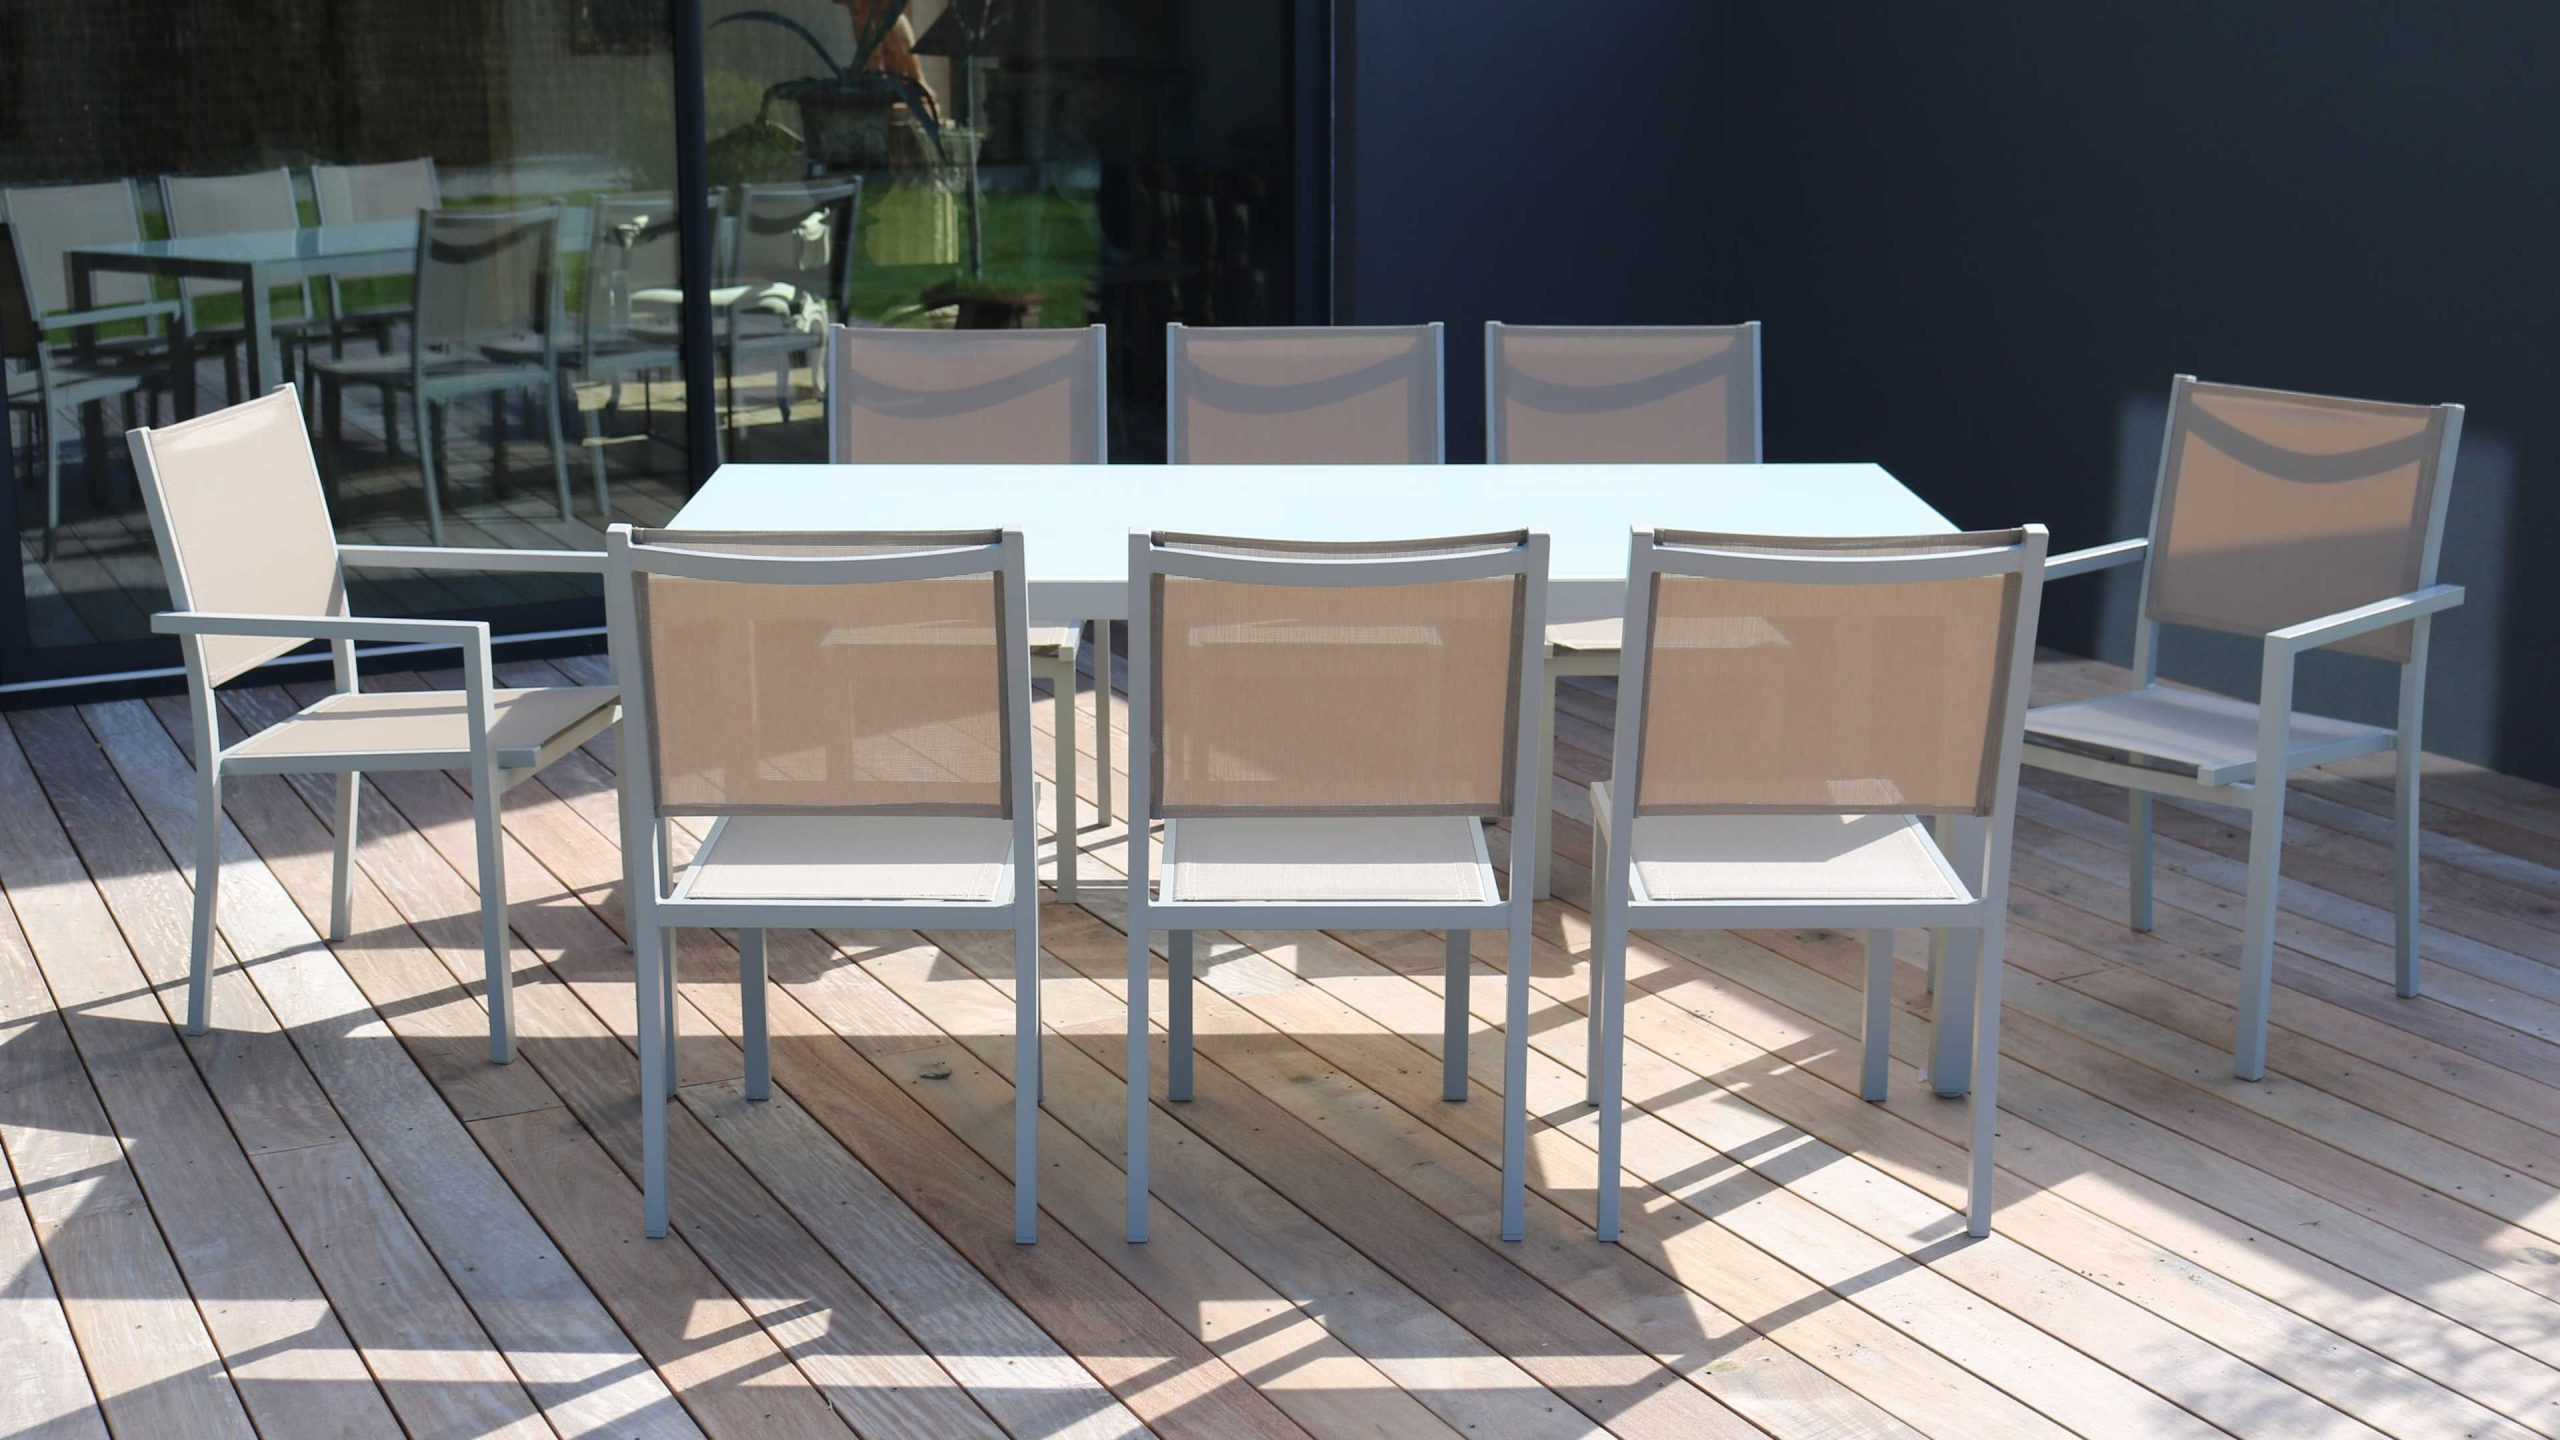 Salon De Jardin Aluminium Table De Jardin 8 Places encequiconcerne Salon De Jardin Aluminium Et Verre